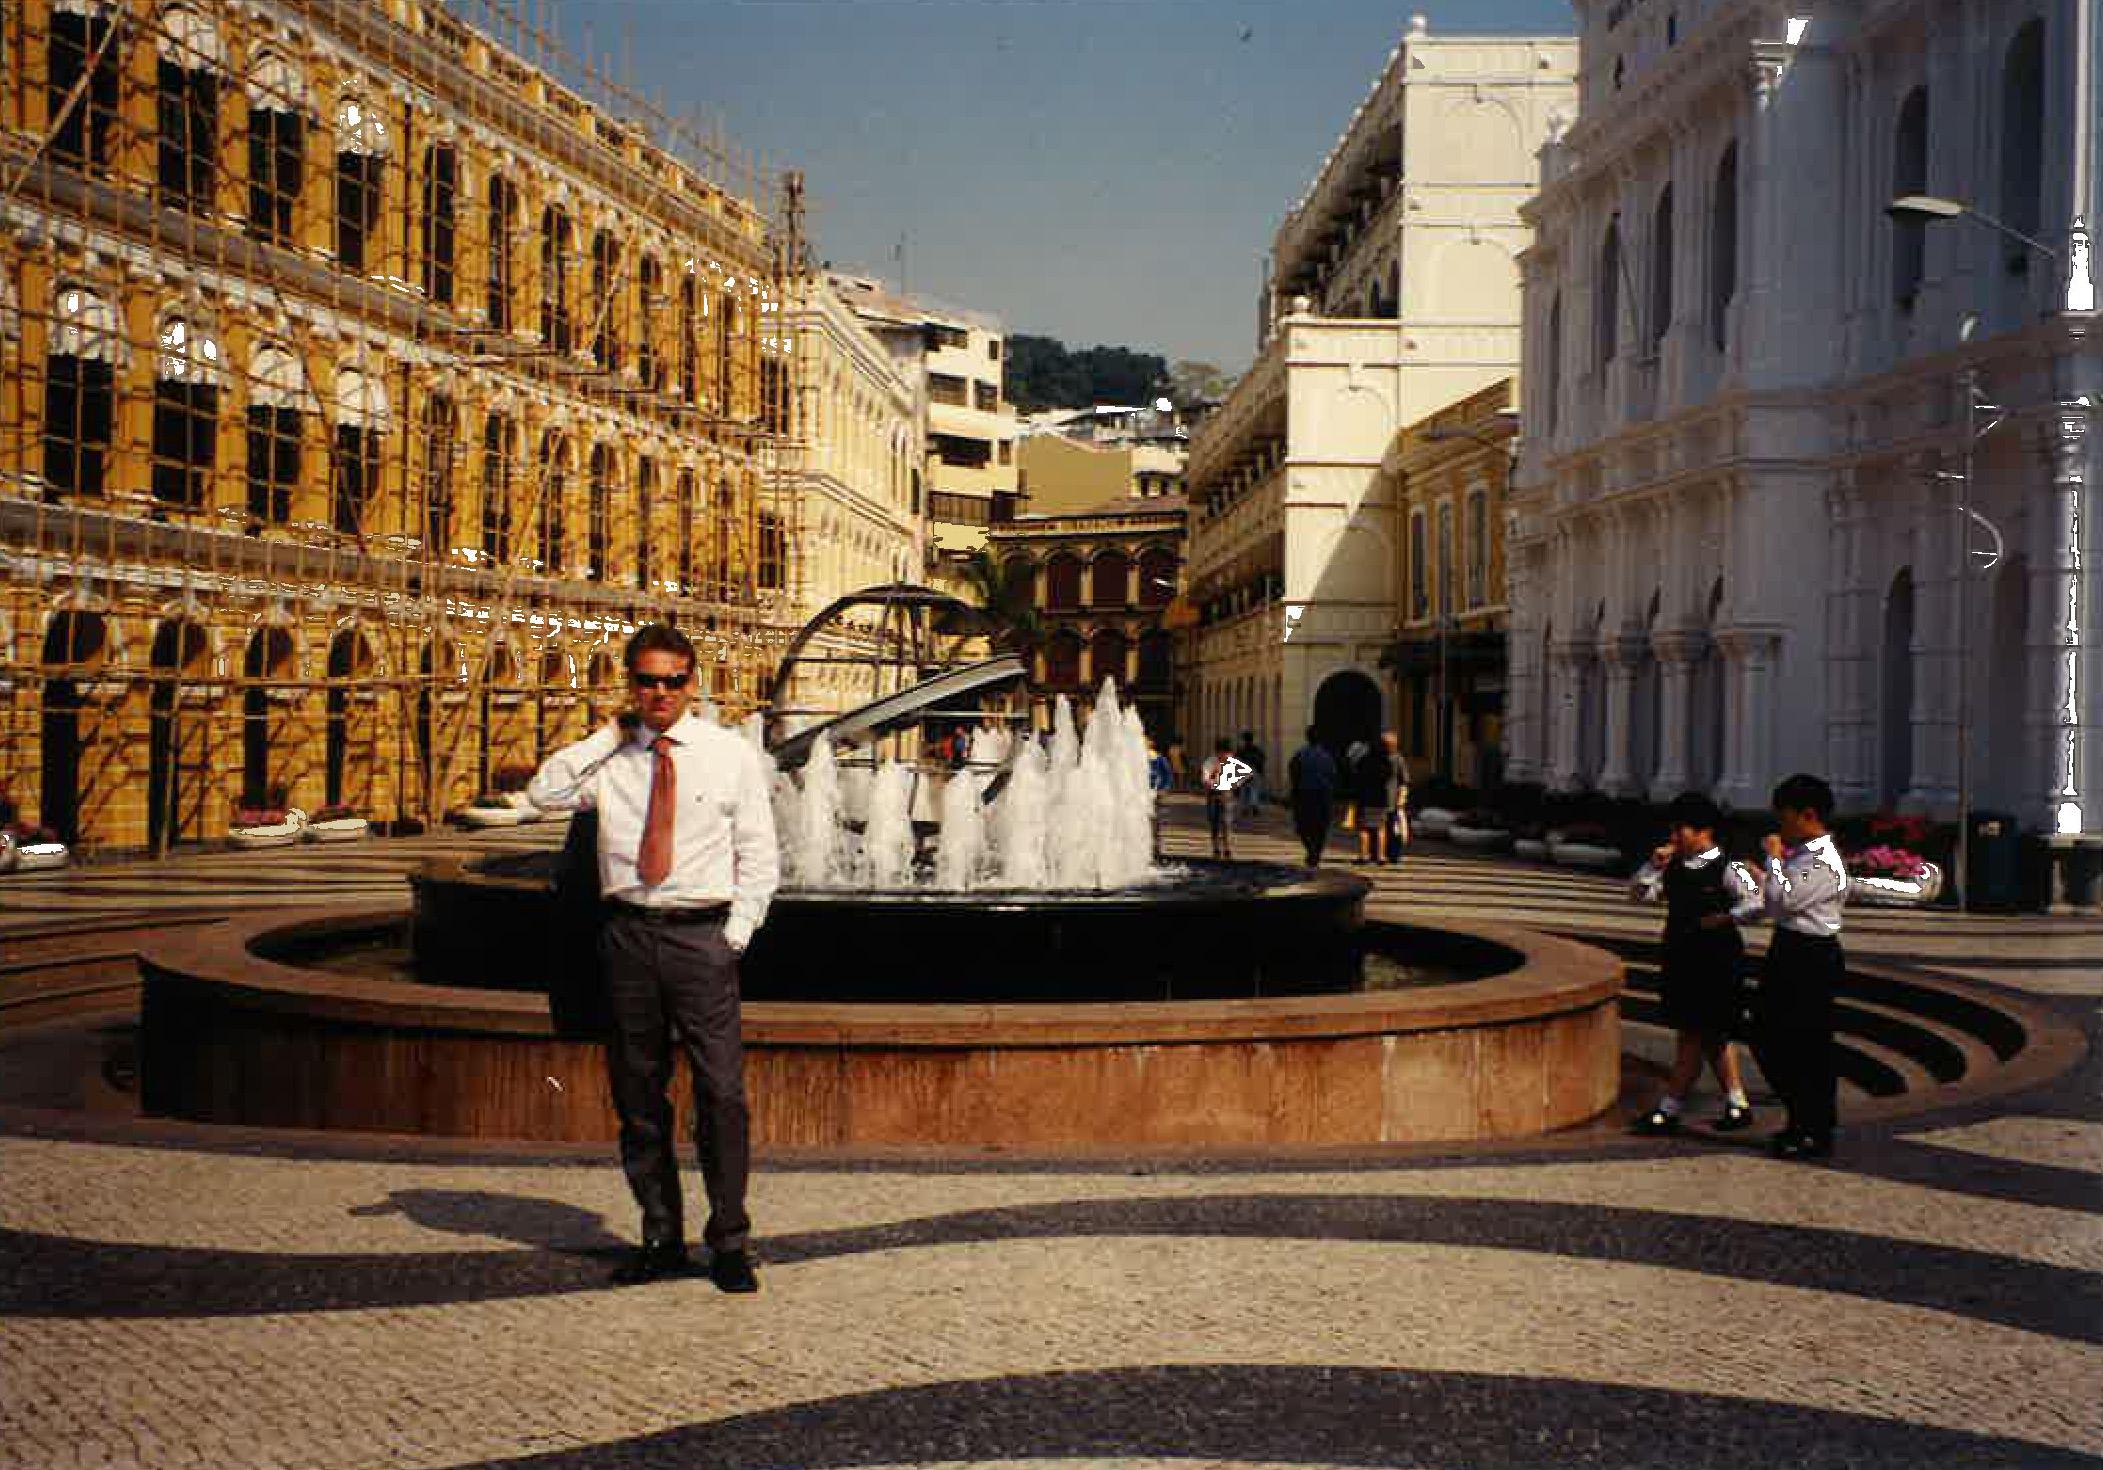 Aldo Cingolani, viaggio a Macao